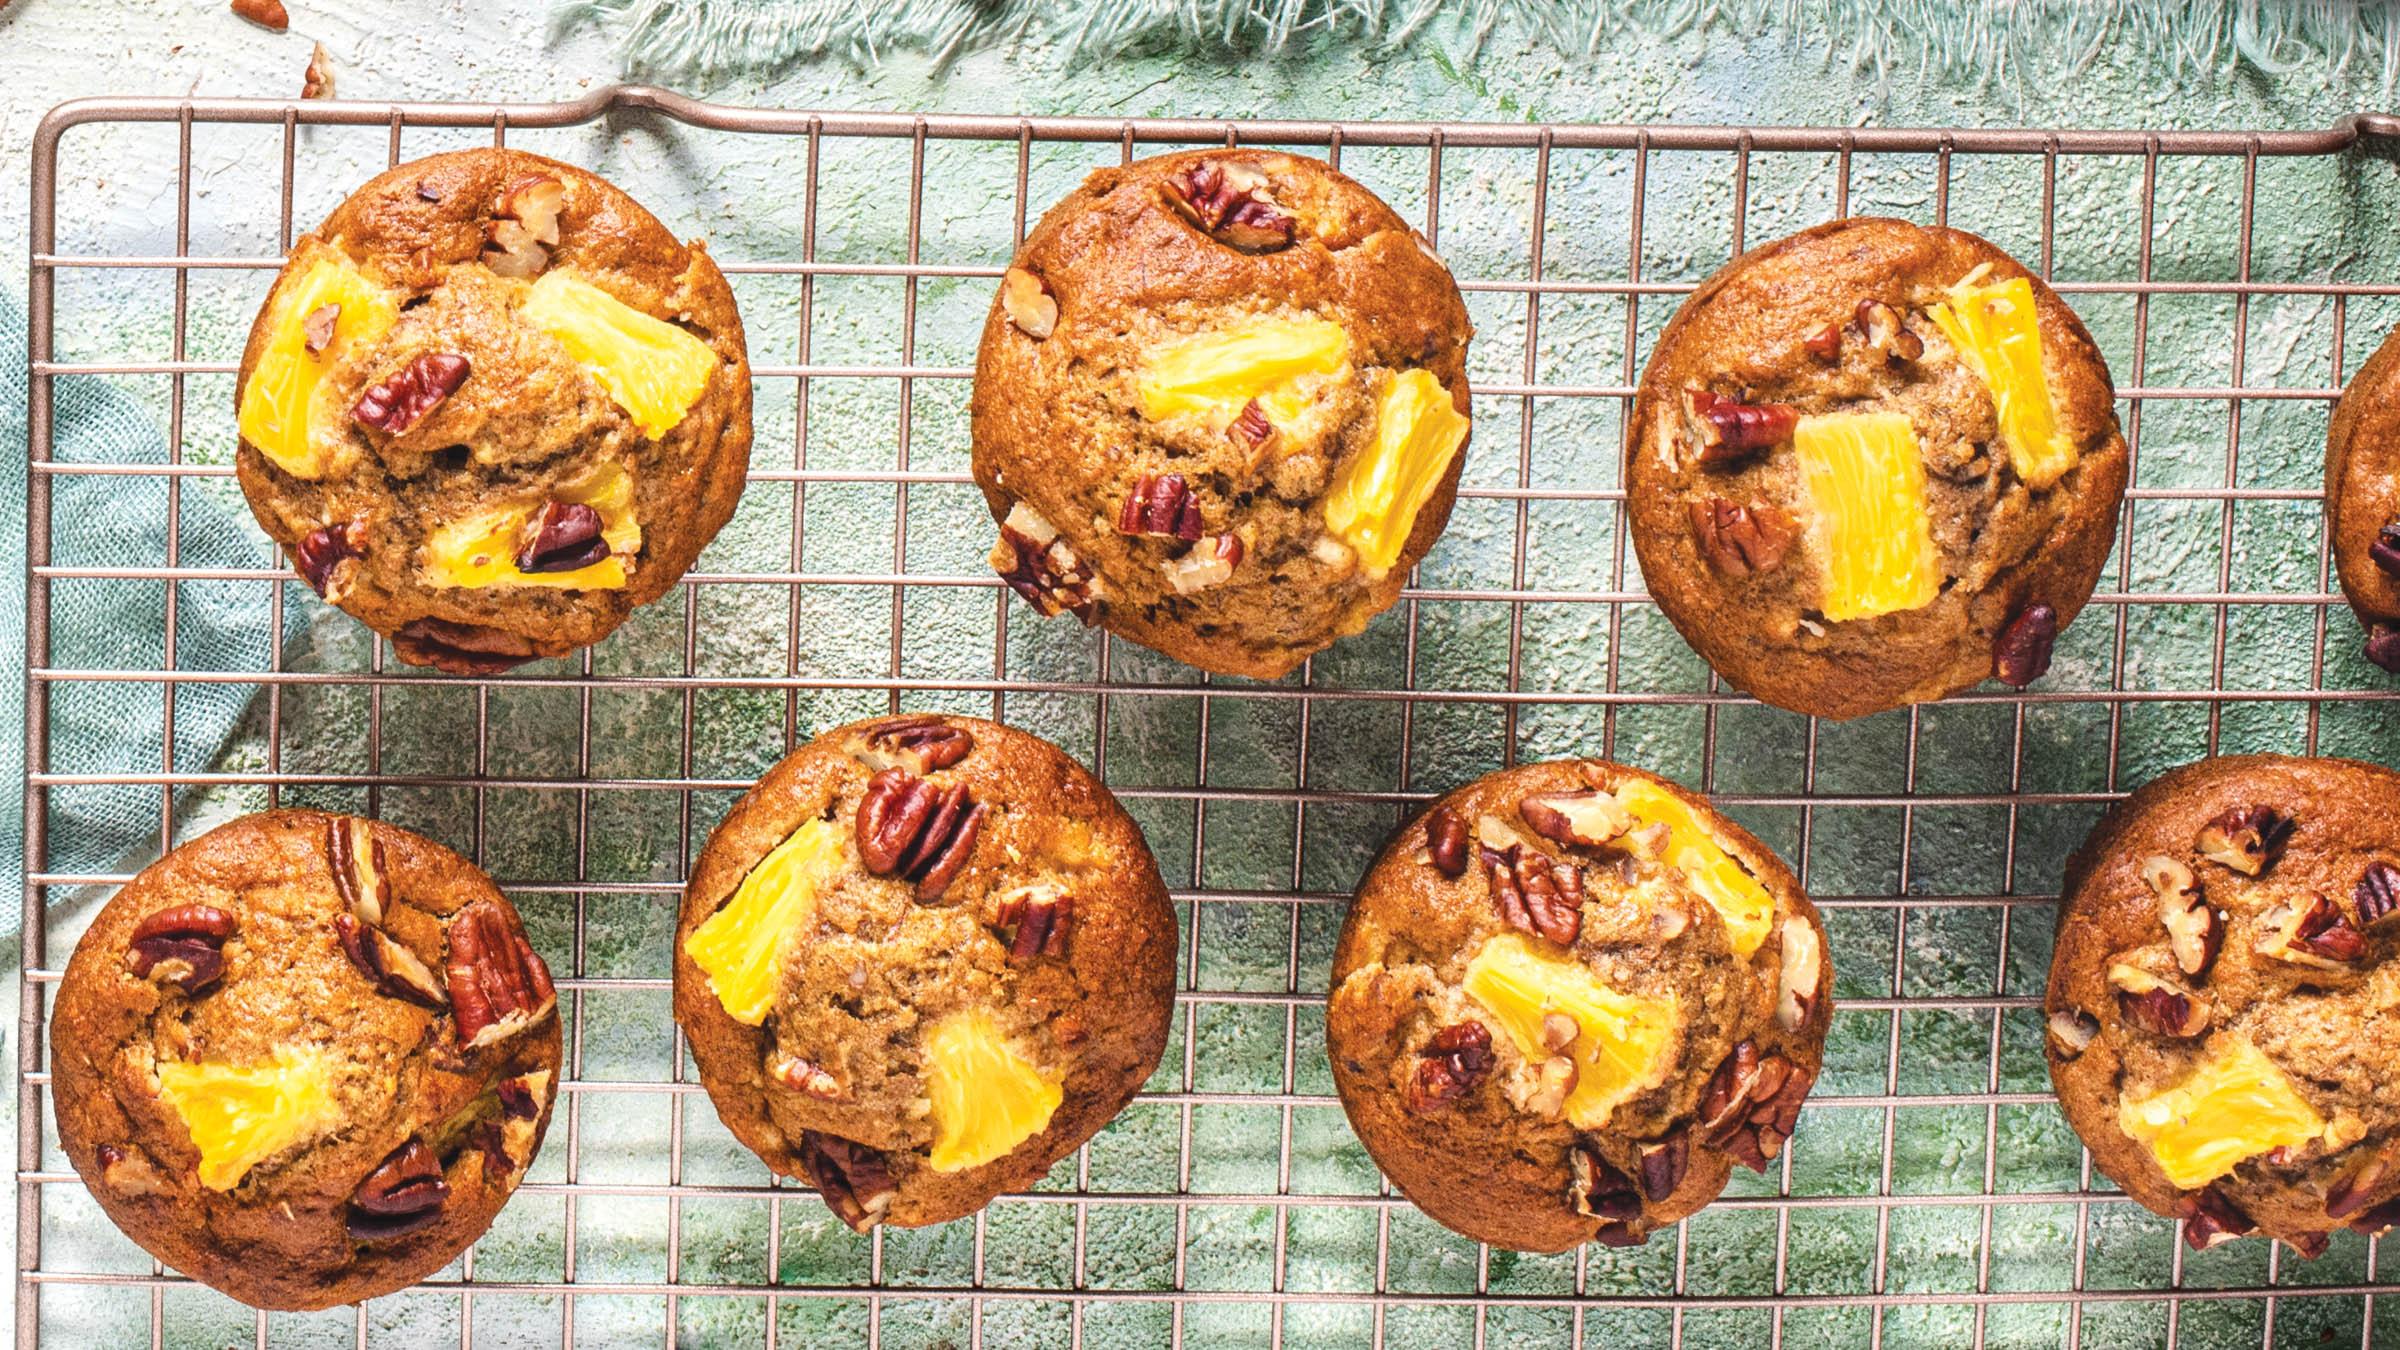 Muffins de colibrí en una rejilla para enfriar